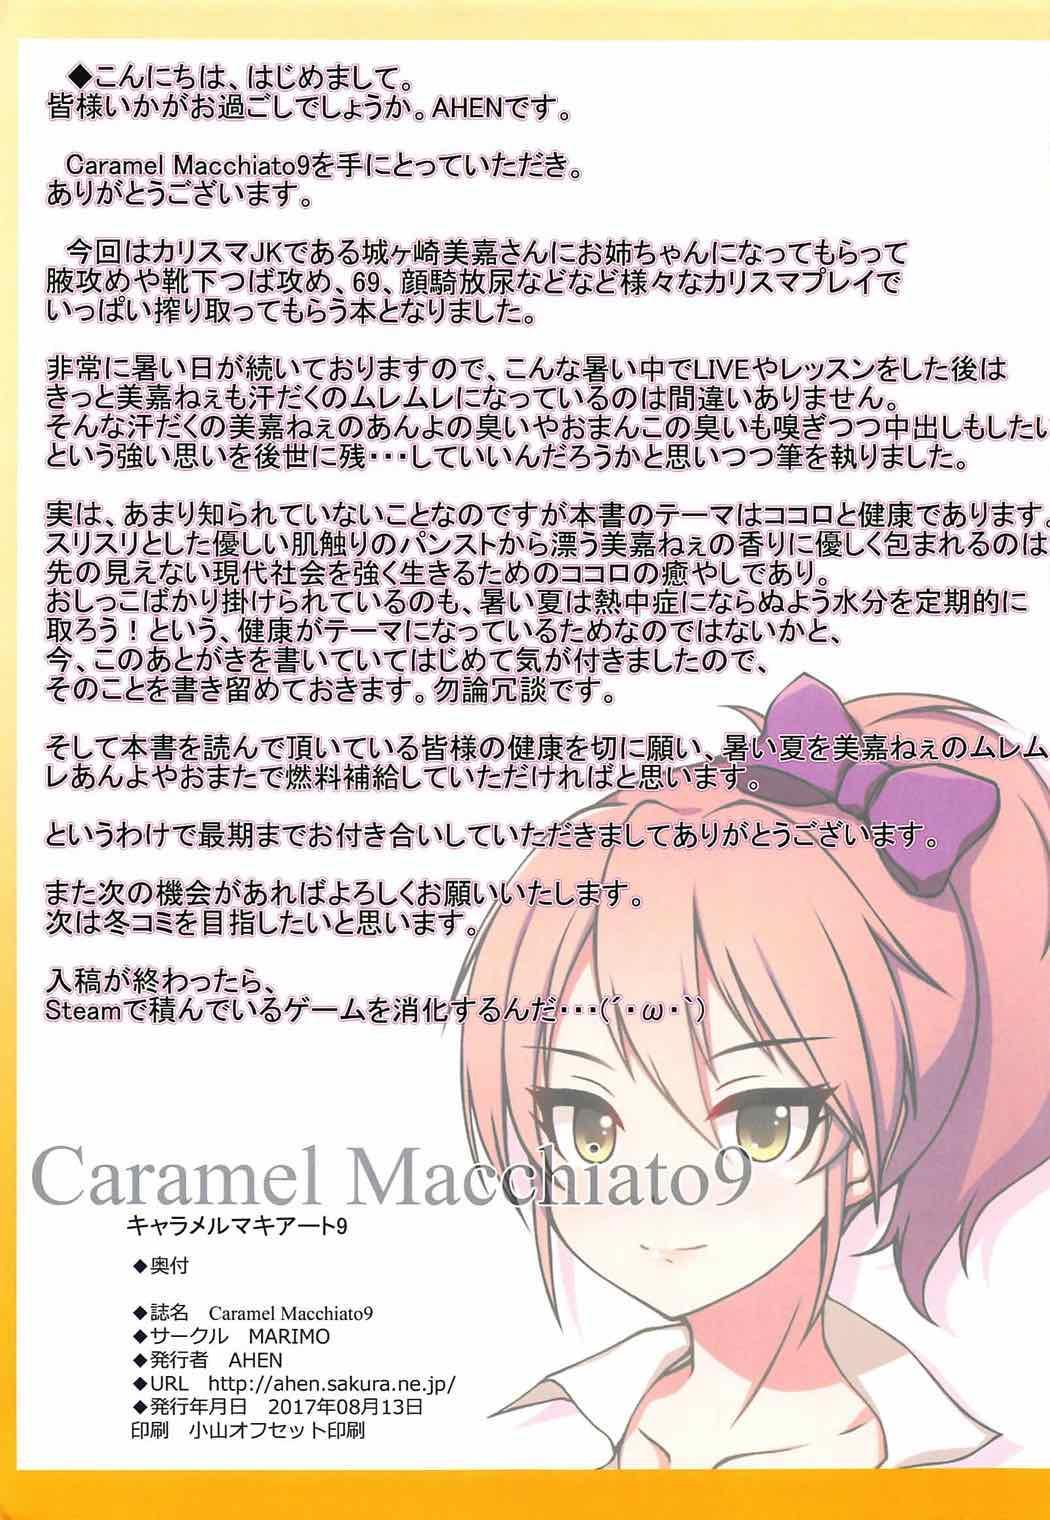 Caramel Macchiato 9 14